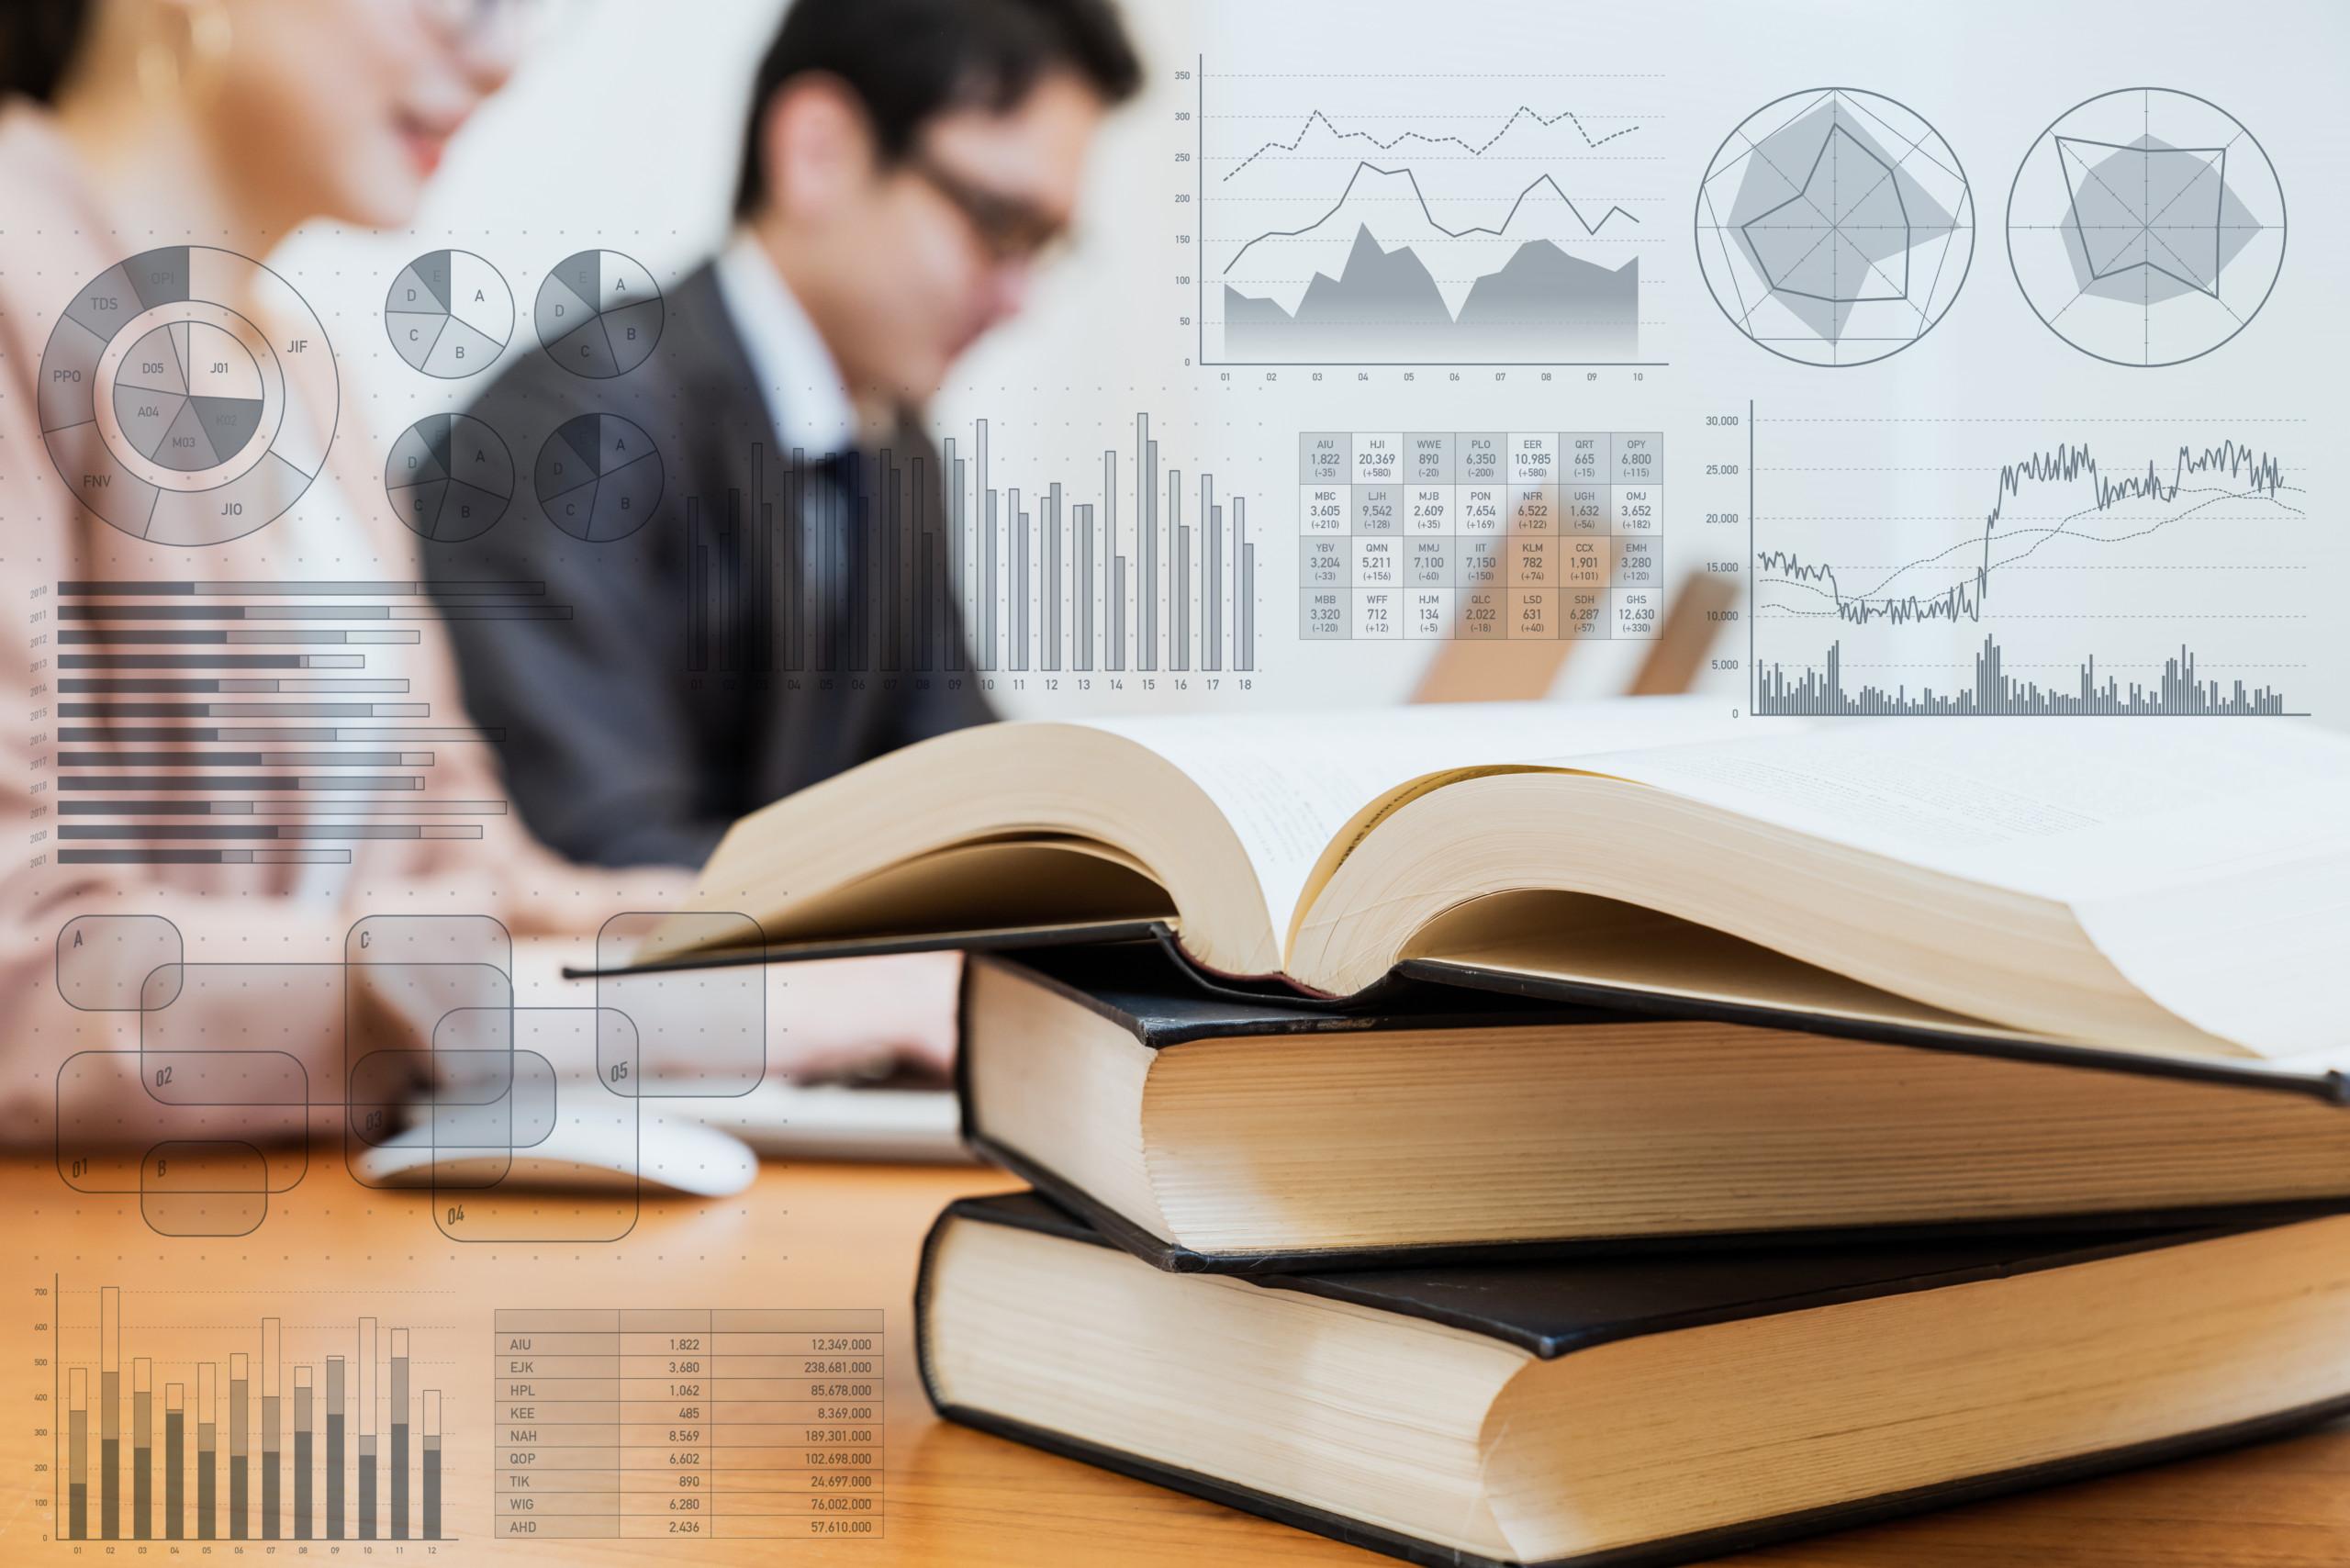 Verblüffendes Anleger-Wissen: Aktien mit niedrigen Kursen erzielen im Schnitt eine bessere Wertentwicklung